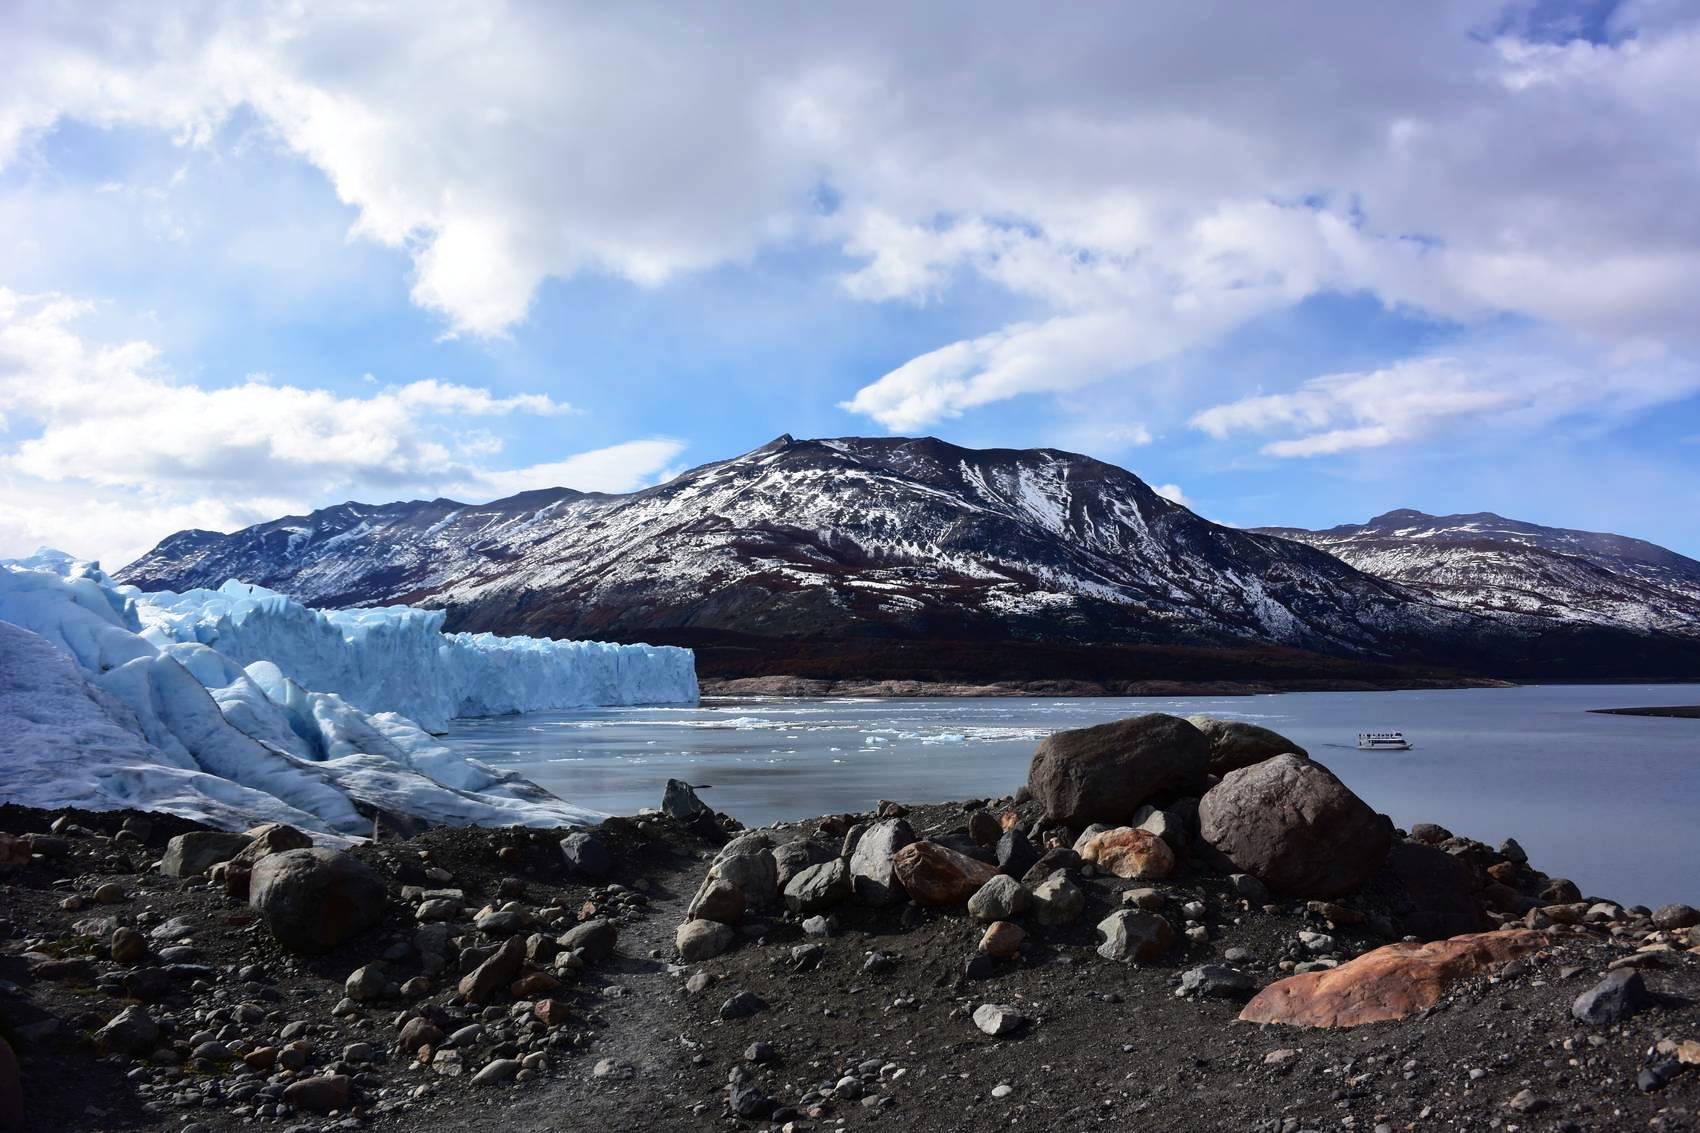 Balade sur le Perito Moreno 15